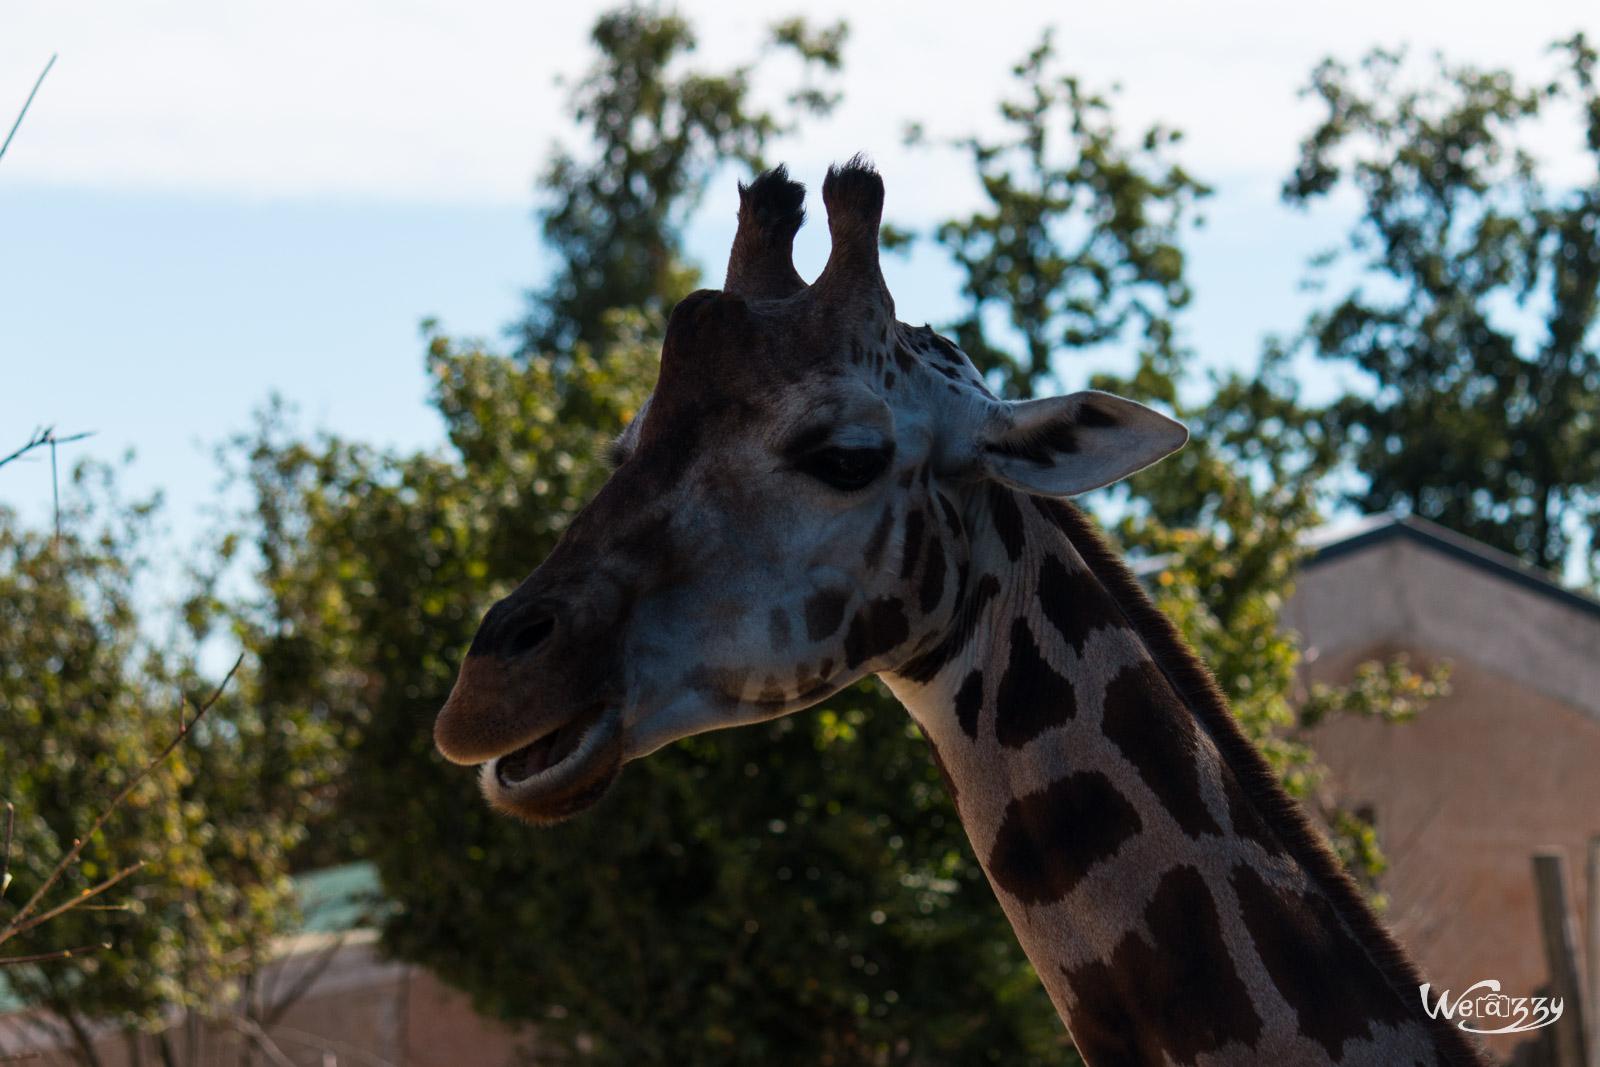 Animaux, Nantes, Zoo